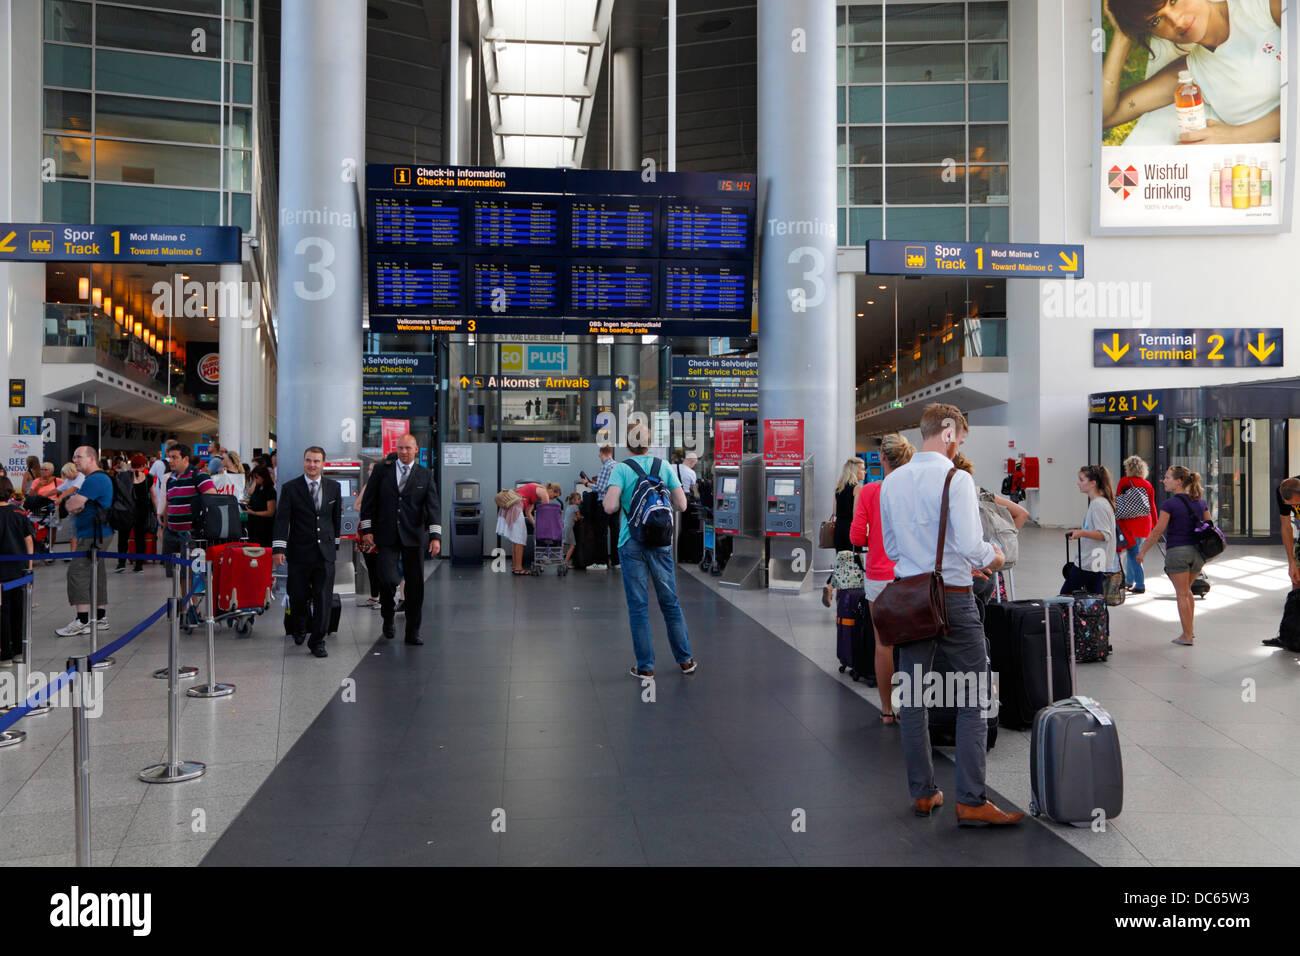 københavn lufthavn arrivals